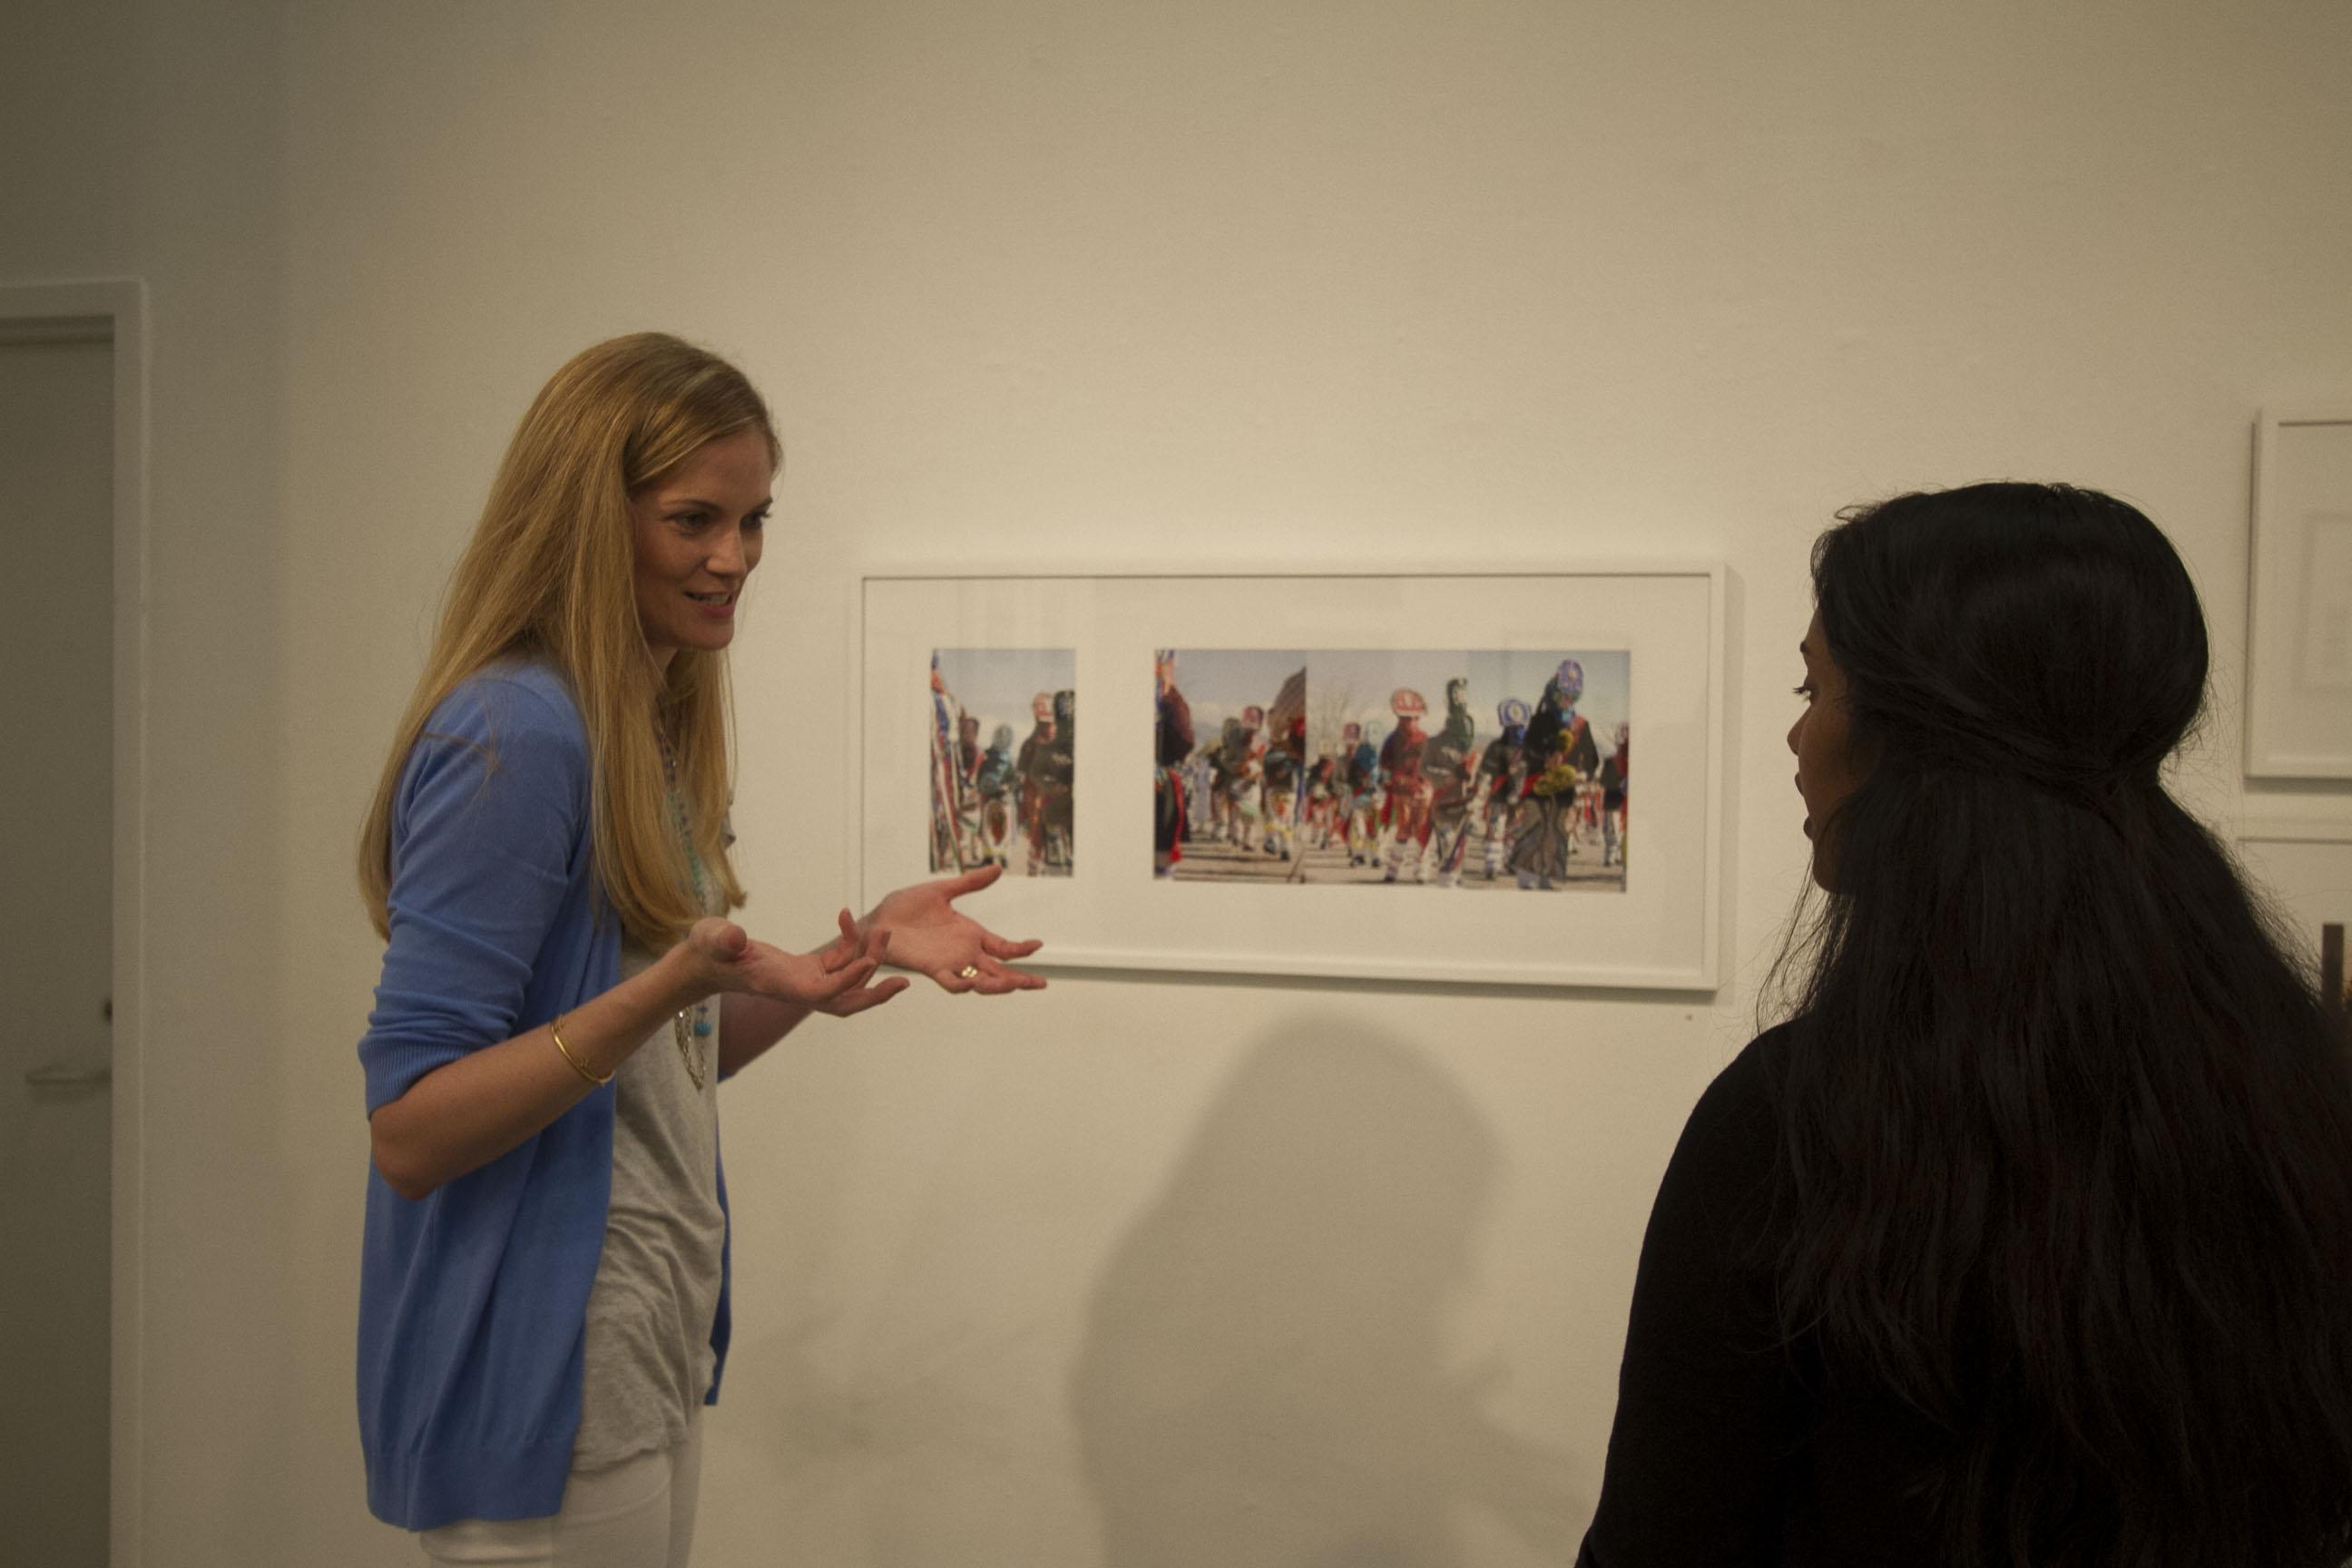 Gallery captures spirit of virgin